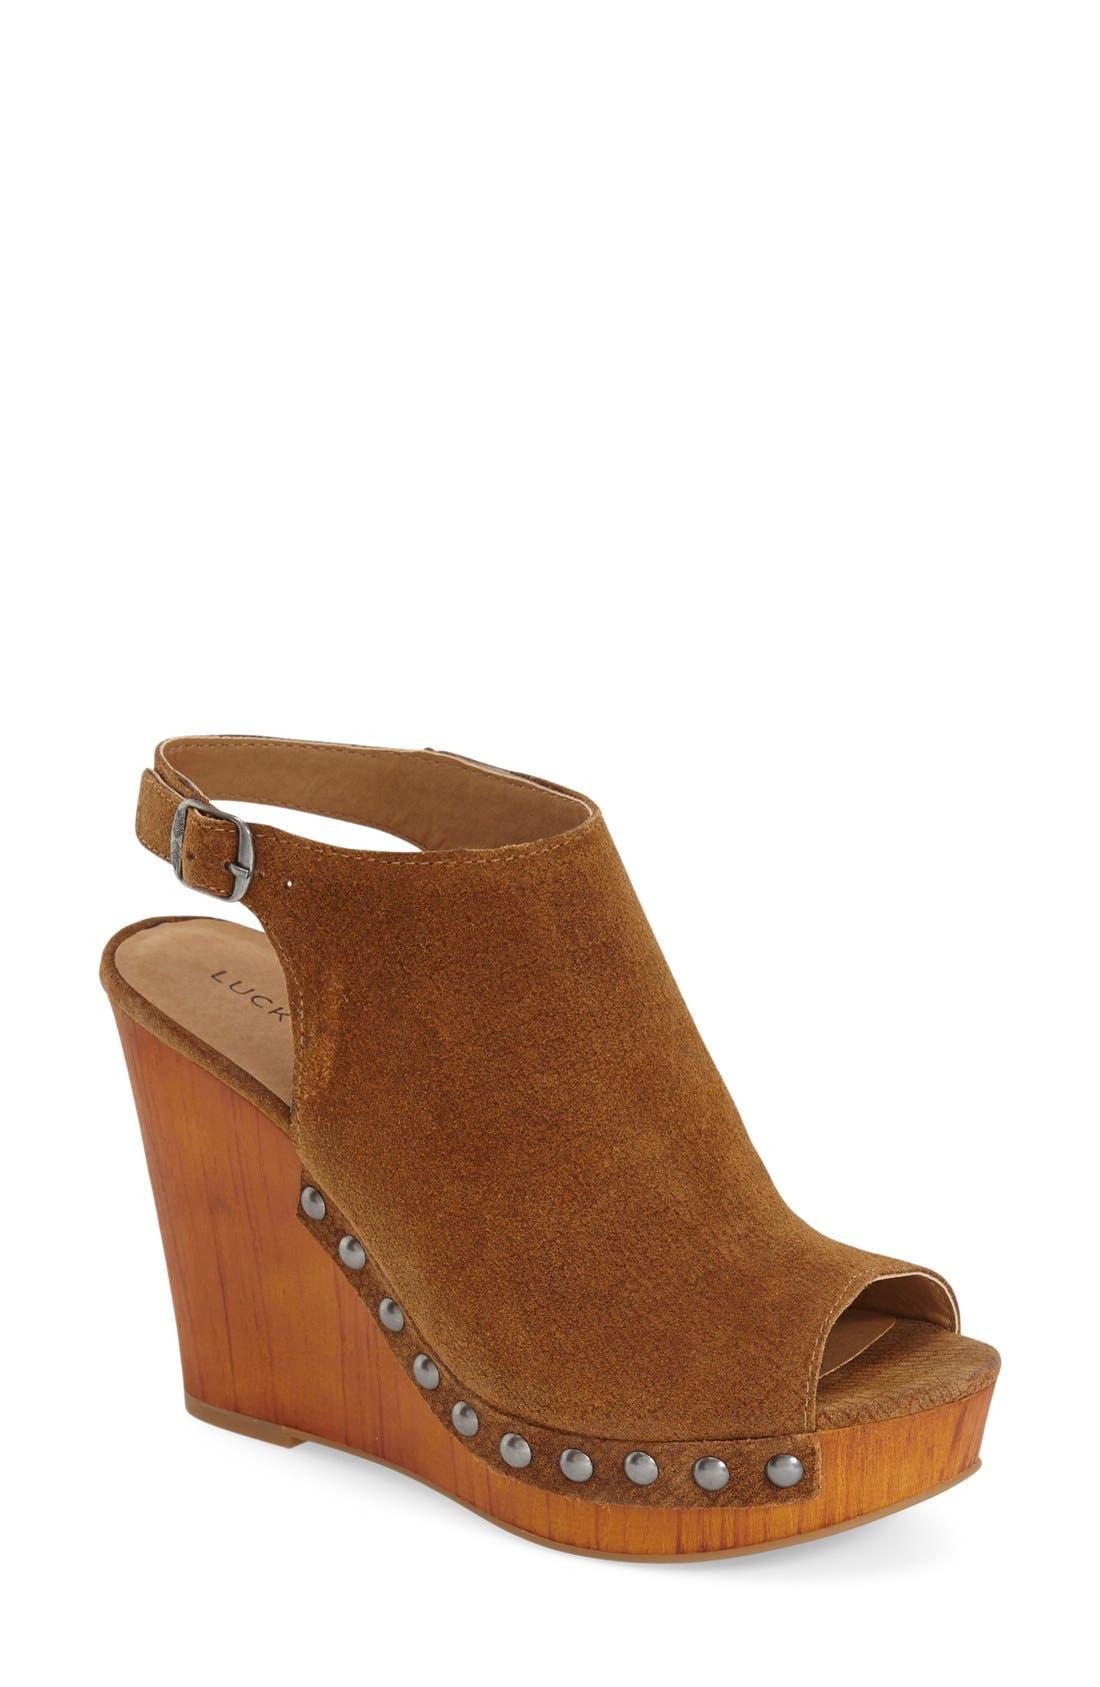 Alternate Image 1 Selected - Lucky Brand 'Larae' Wedge Sandal (Women)